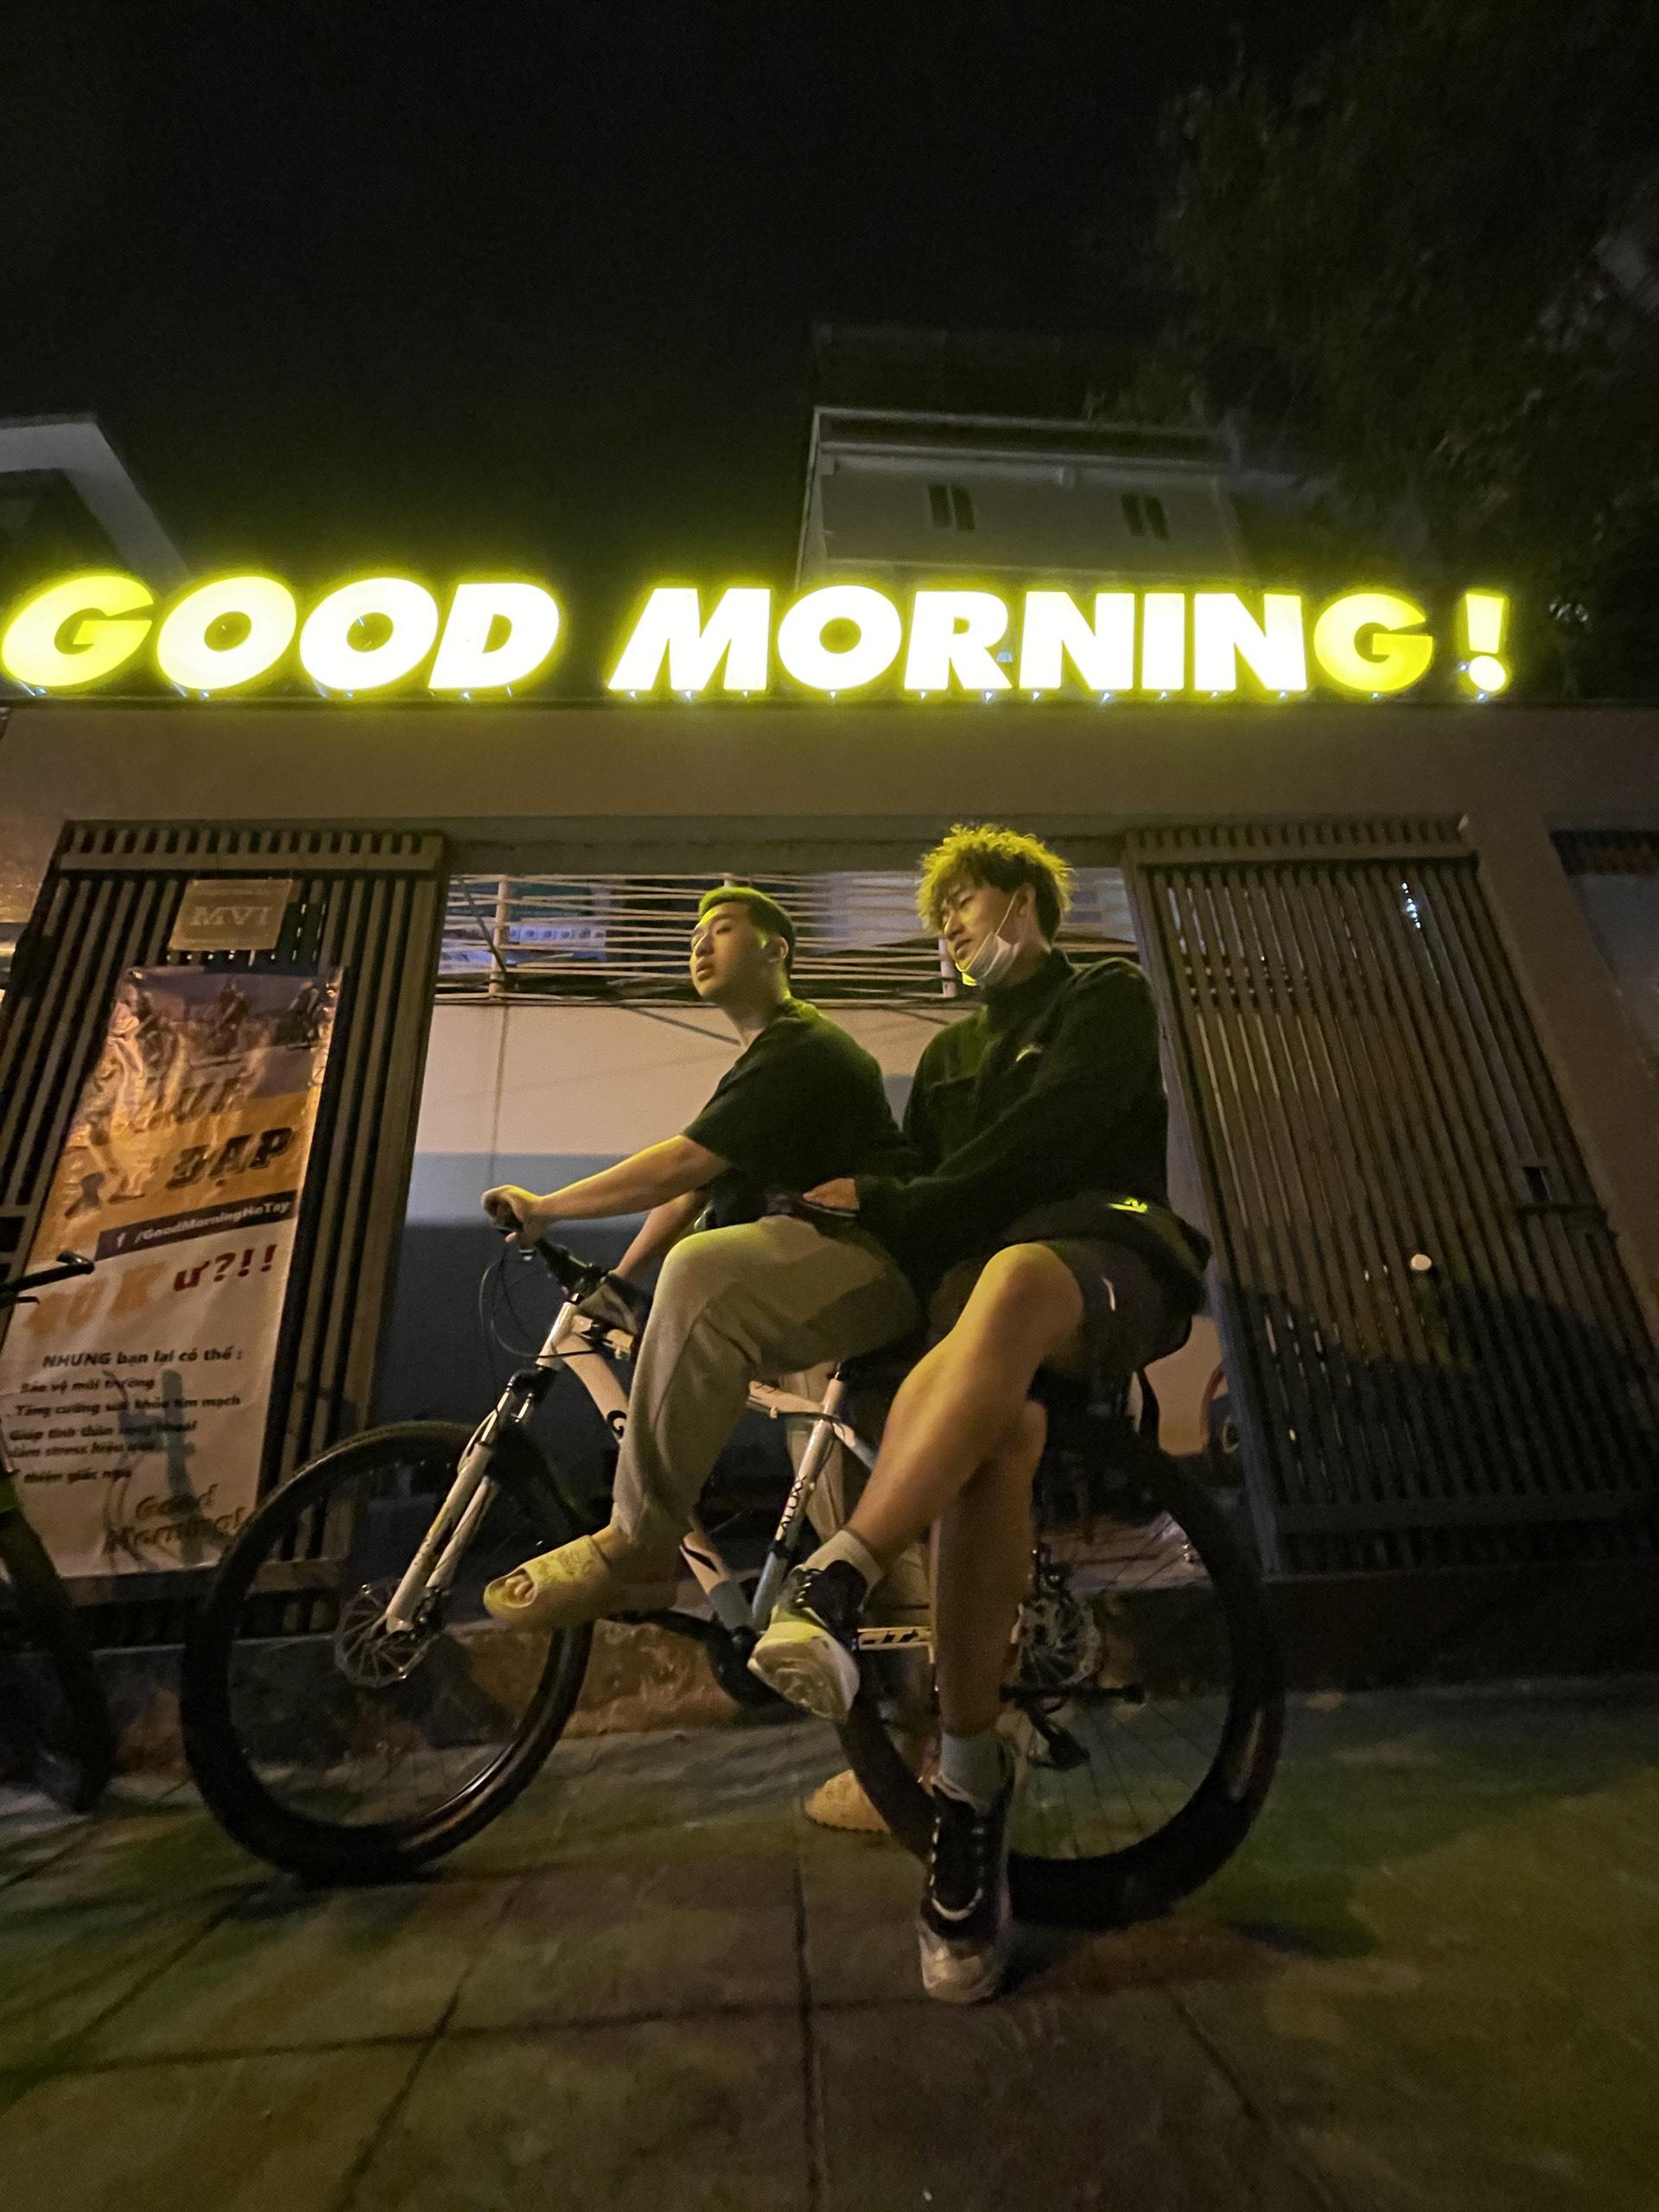 Good moring từ sáng sớm để cảm nhận không khí hồ Tây